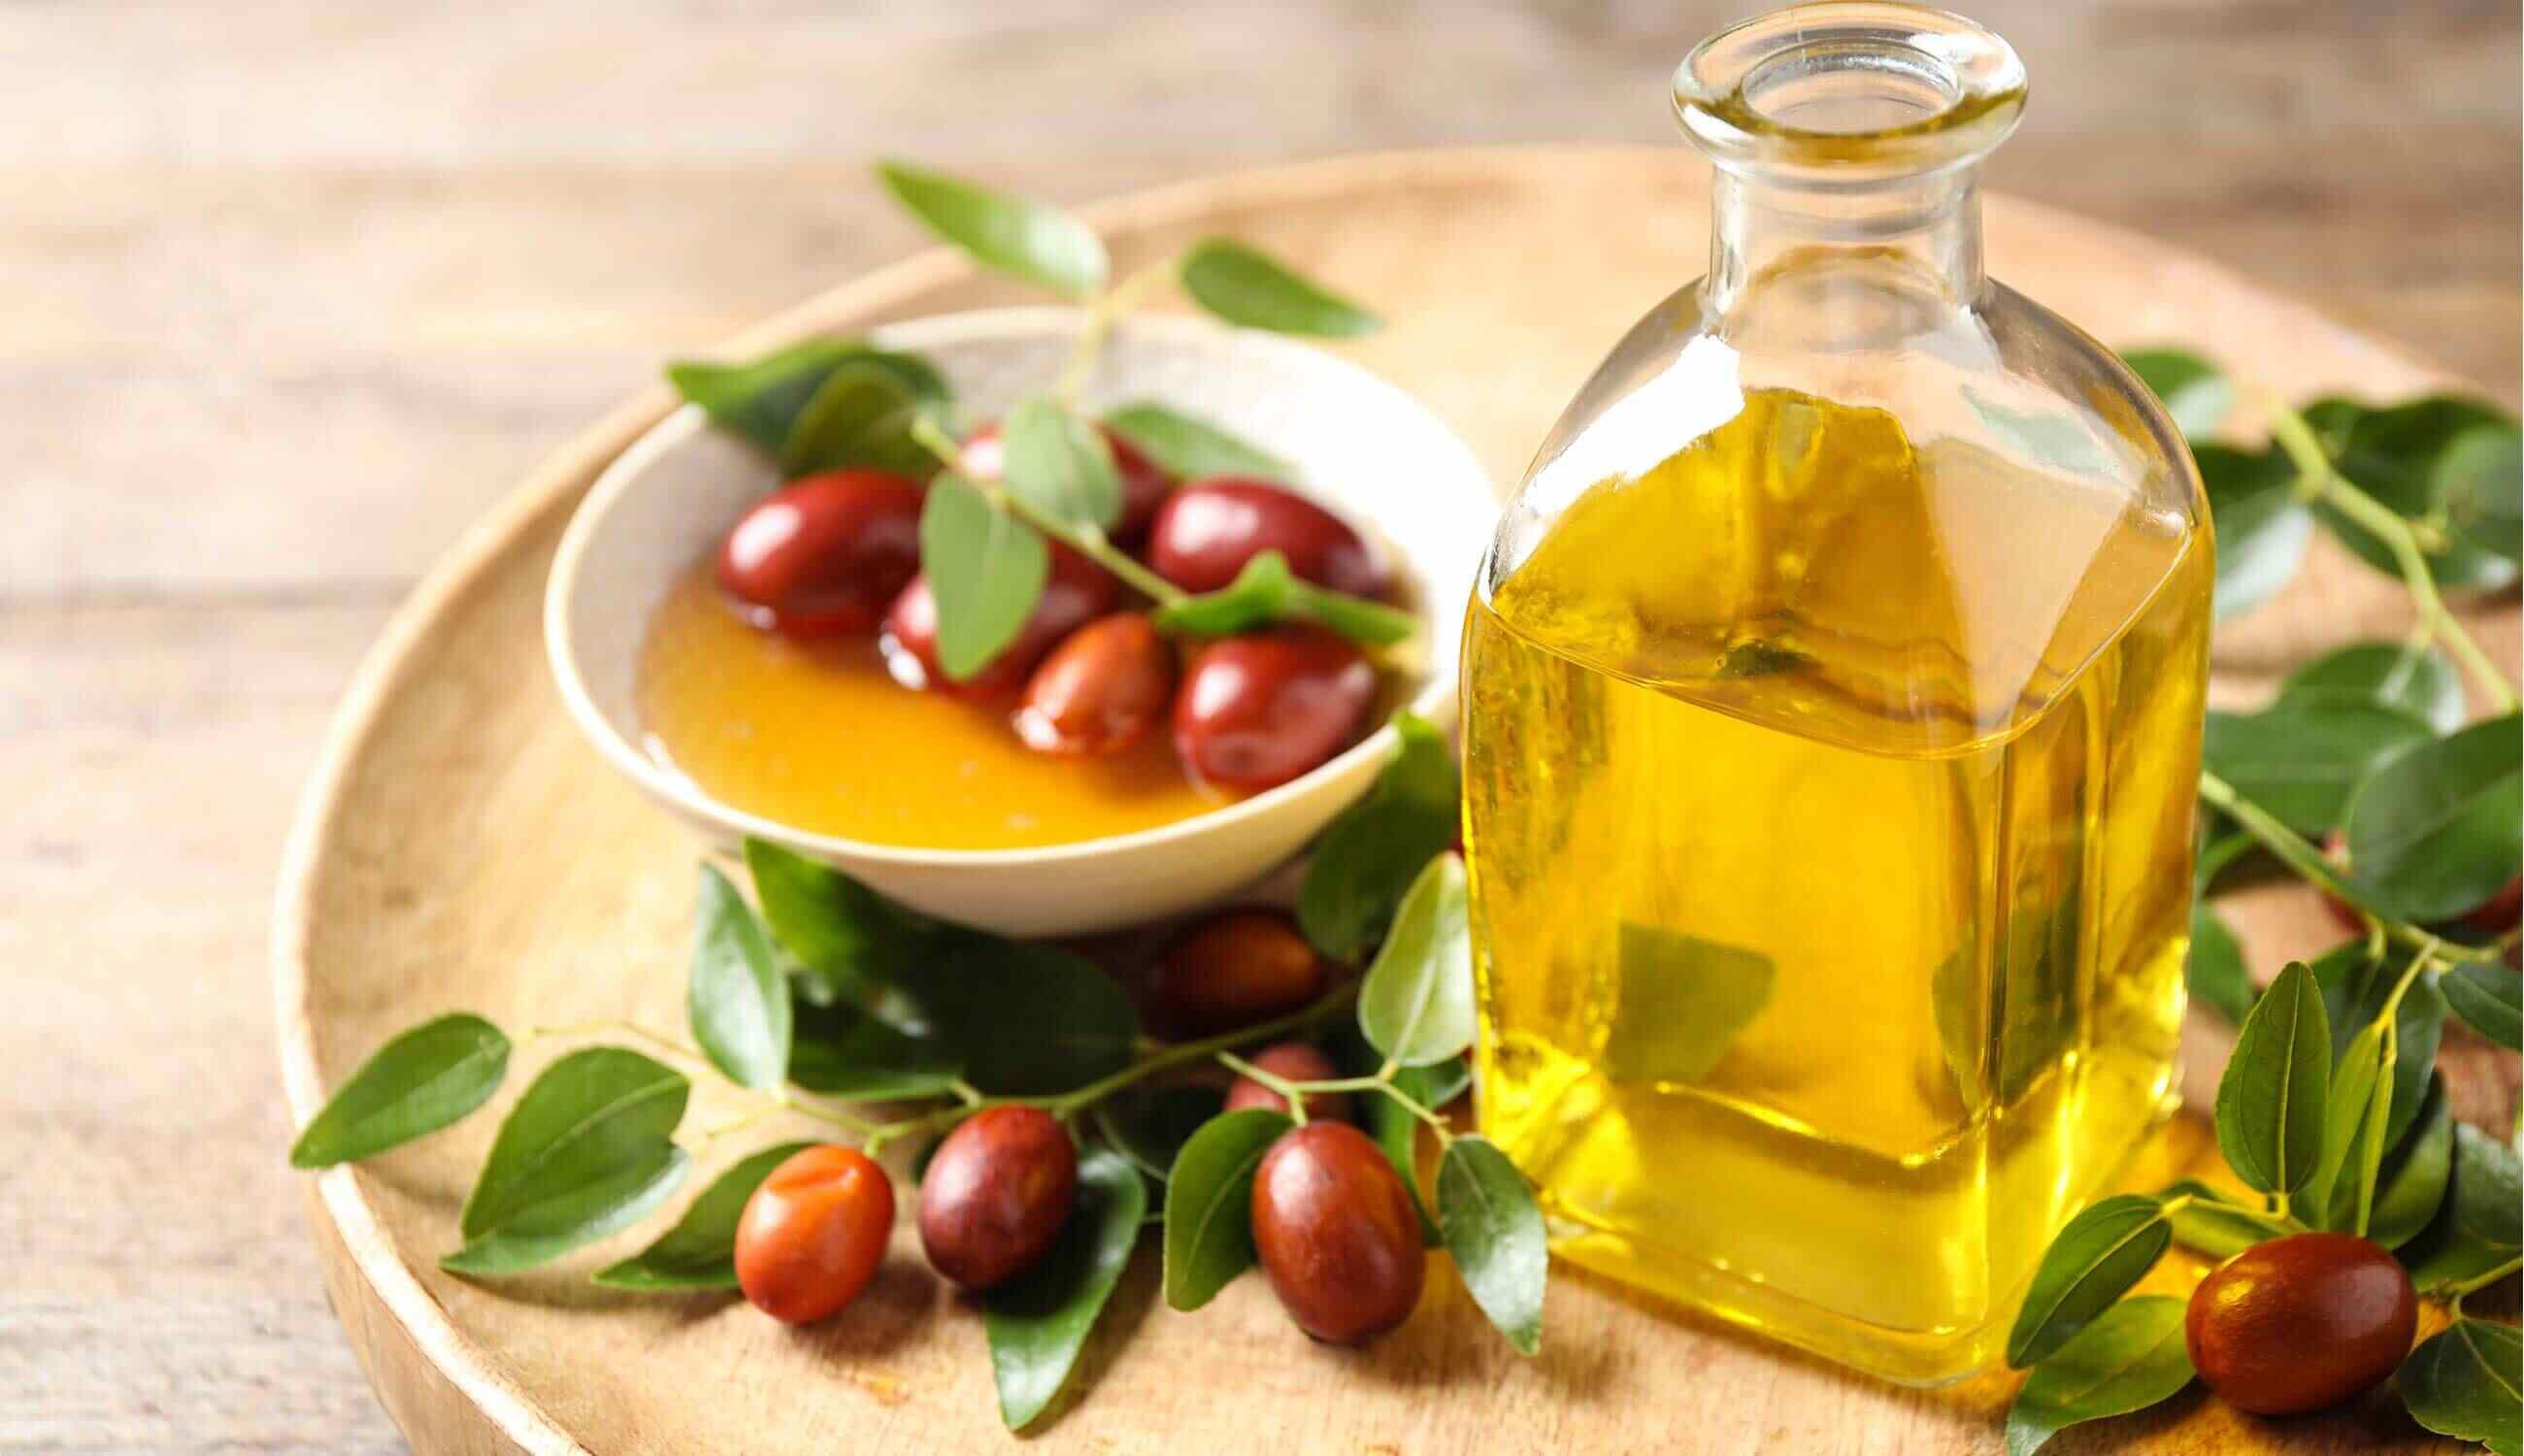 Best Oil For Hair Growth Jojoba Oil